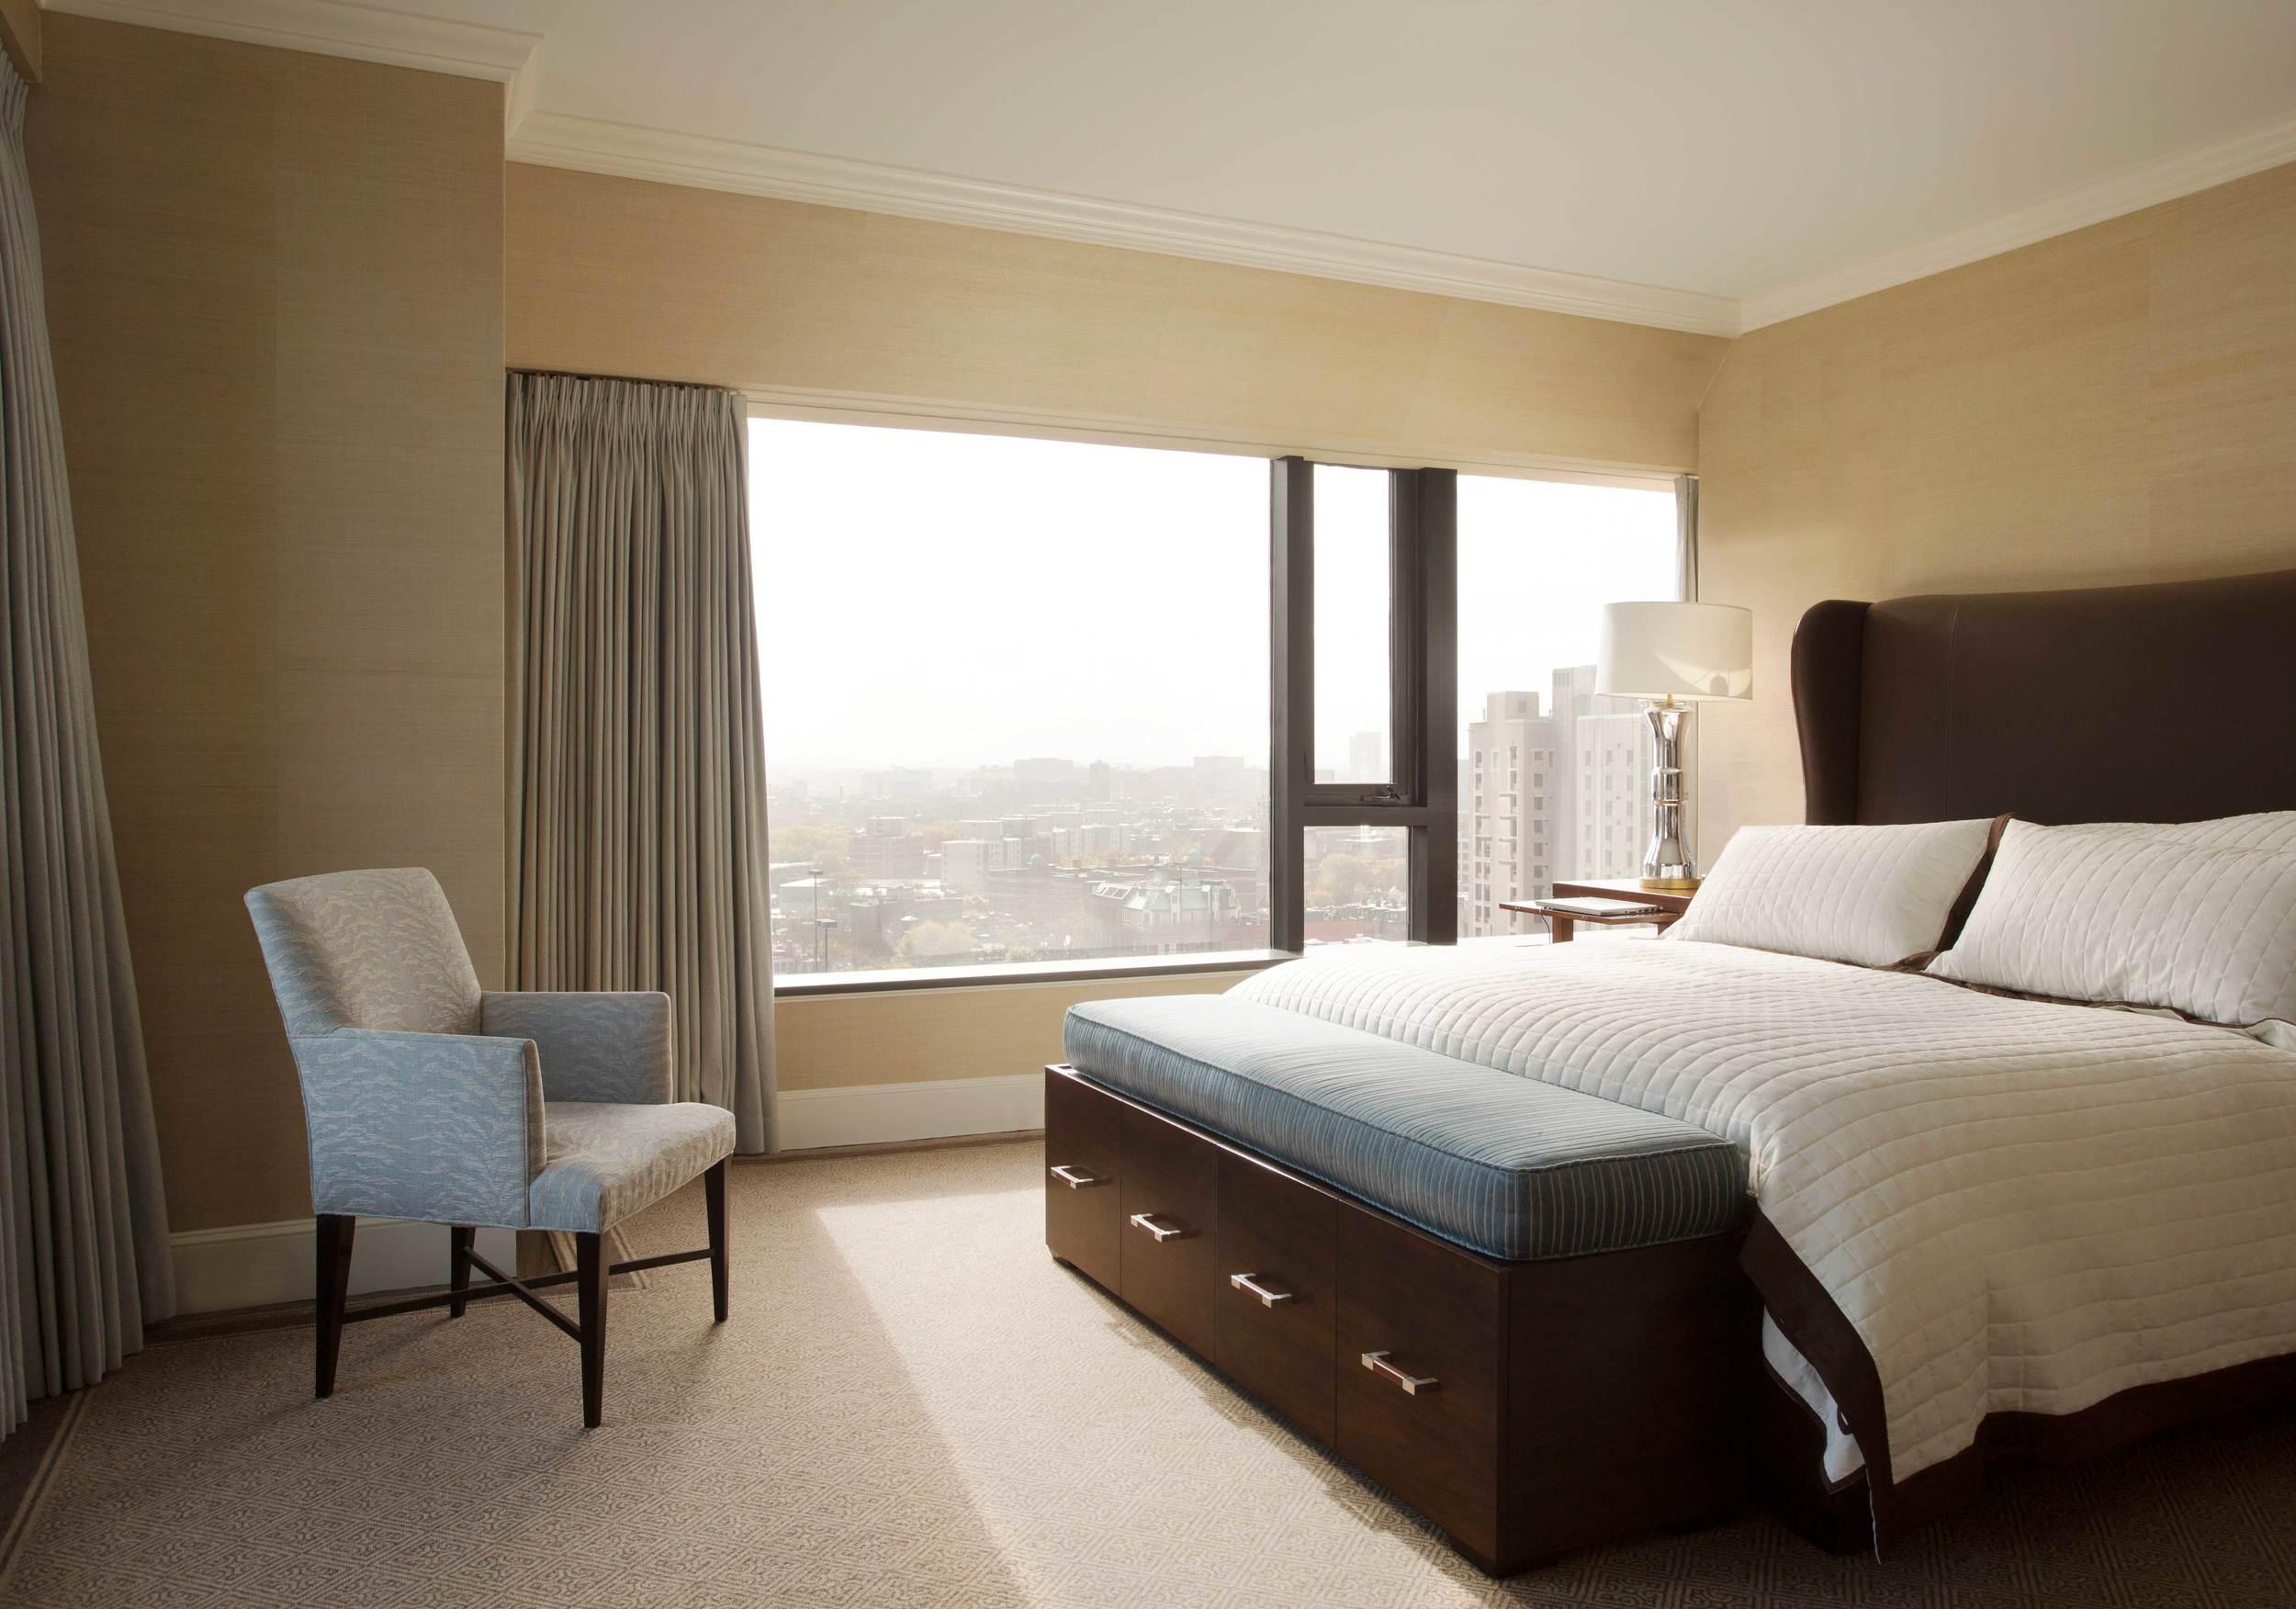 07-Beasley-Rivers-10-12-bedroom-1.jpg